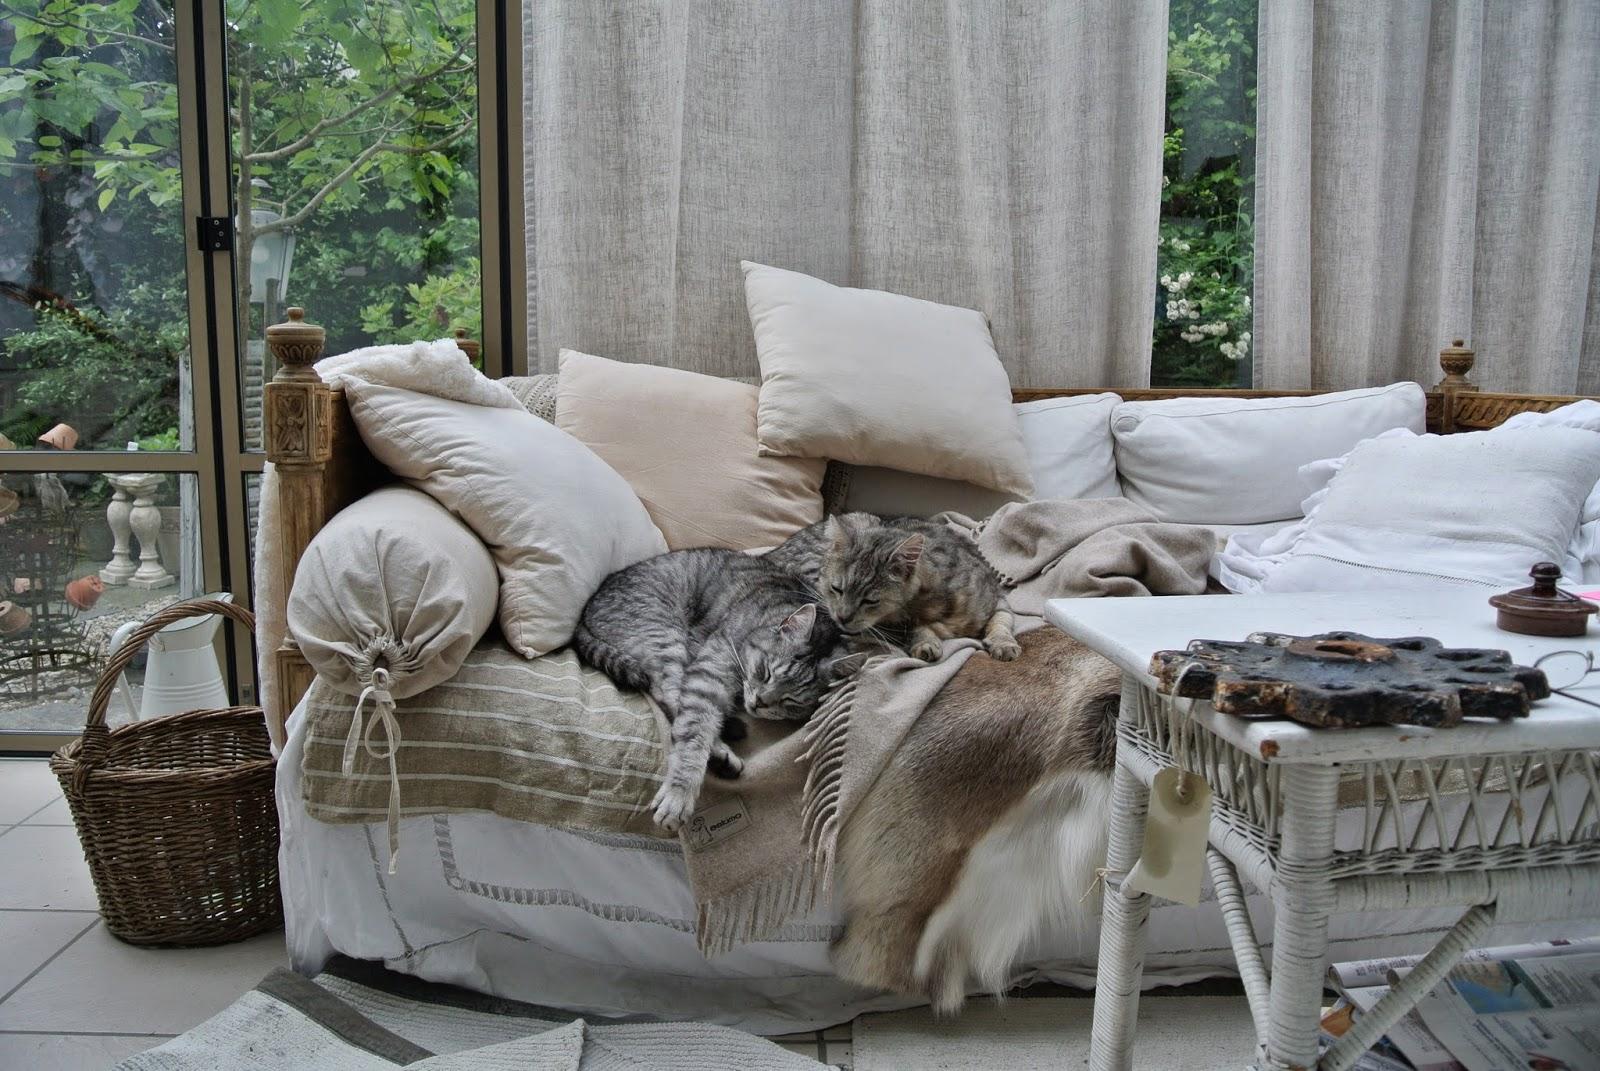 mehrkuriosa fr hjahrs m digkeit und neuer haupt job. Black Bedroom Furniture Sets. Home Design Ideas